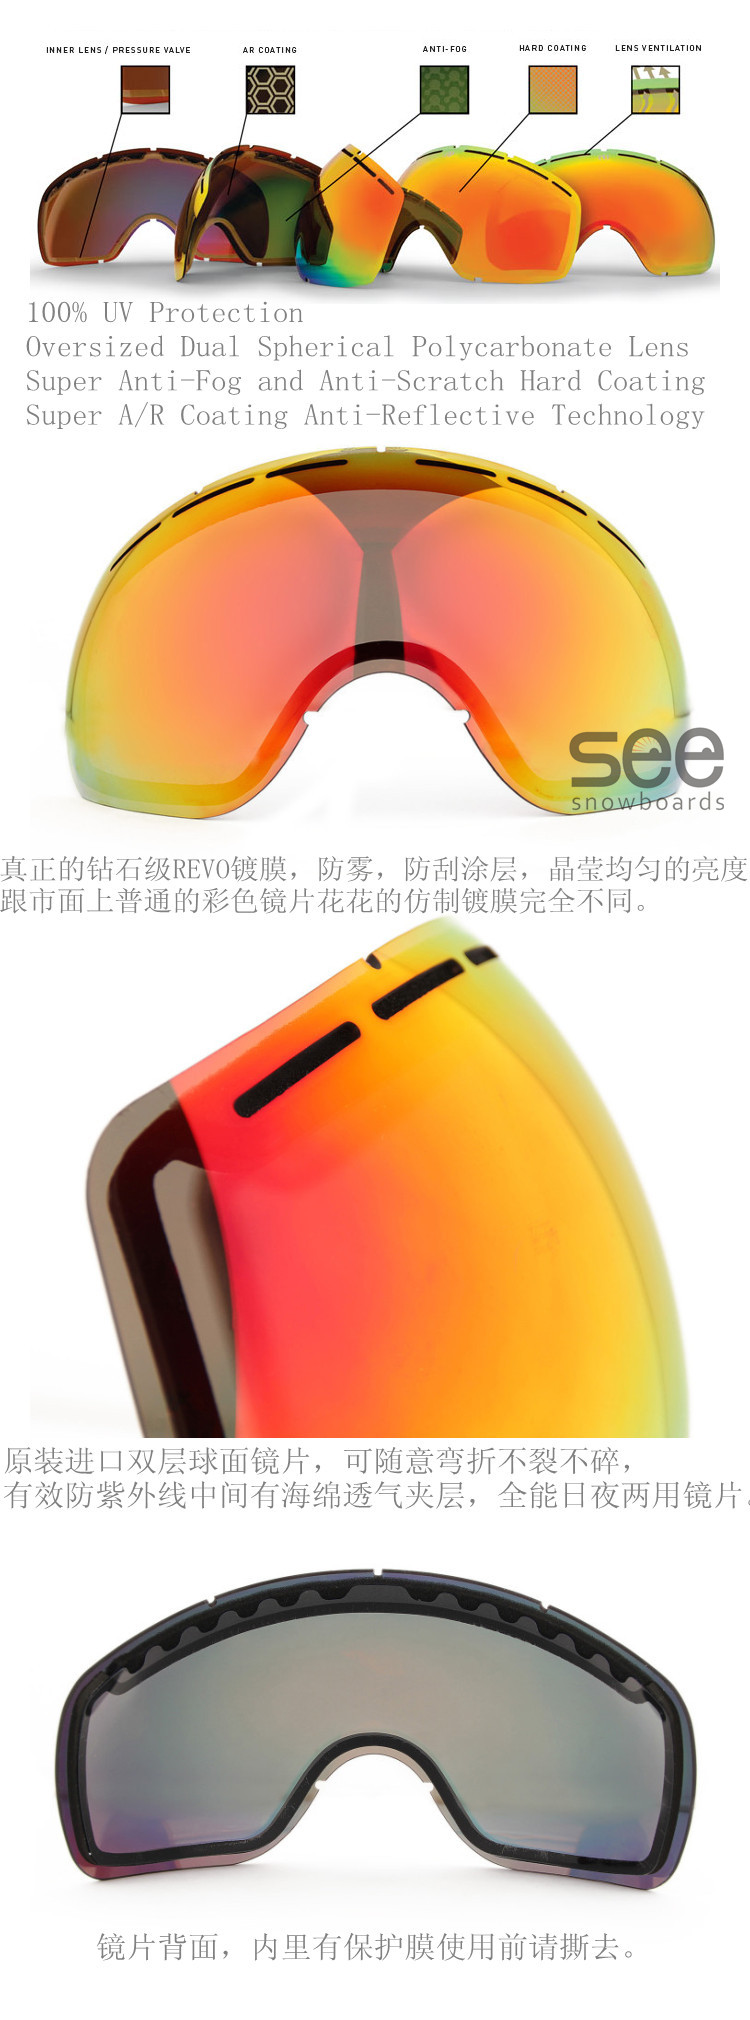 Бескаркасная сноубордическая маска (очки) с двухслойными поликарбонатовыми сферическими линзами  качественные солнцезащитные очки для сноуборда или маска для сноуборда